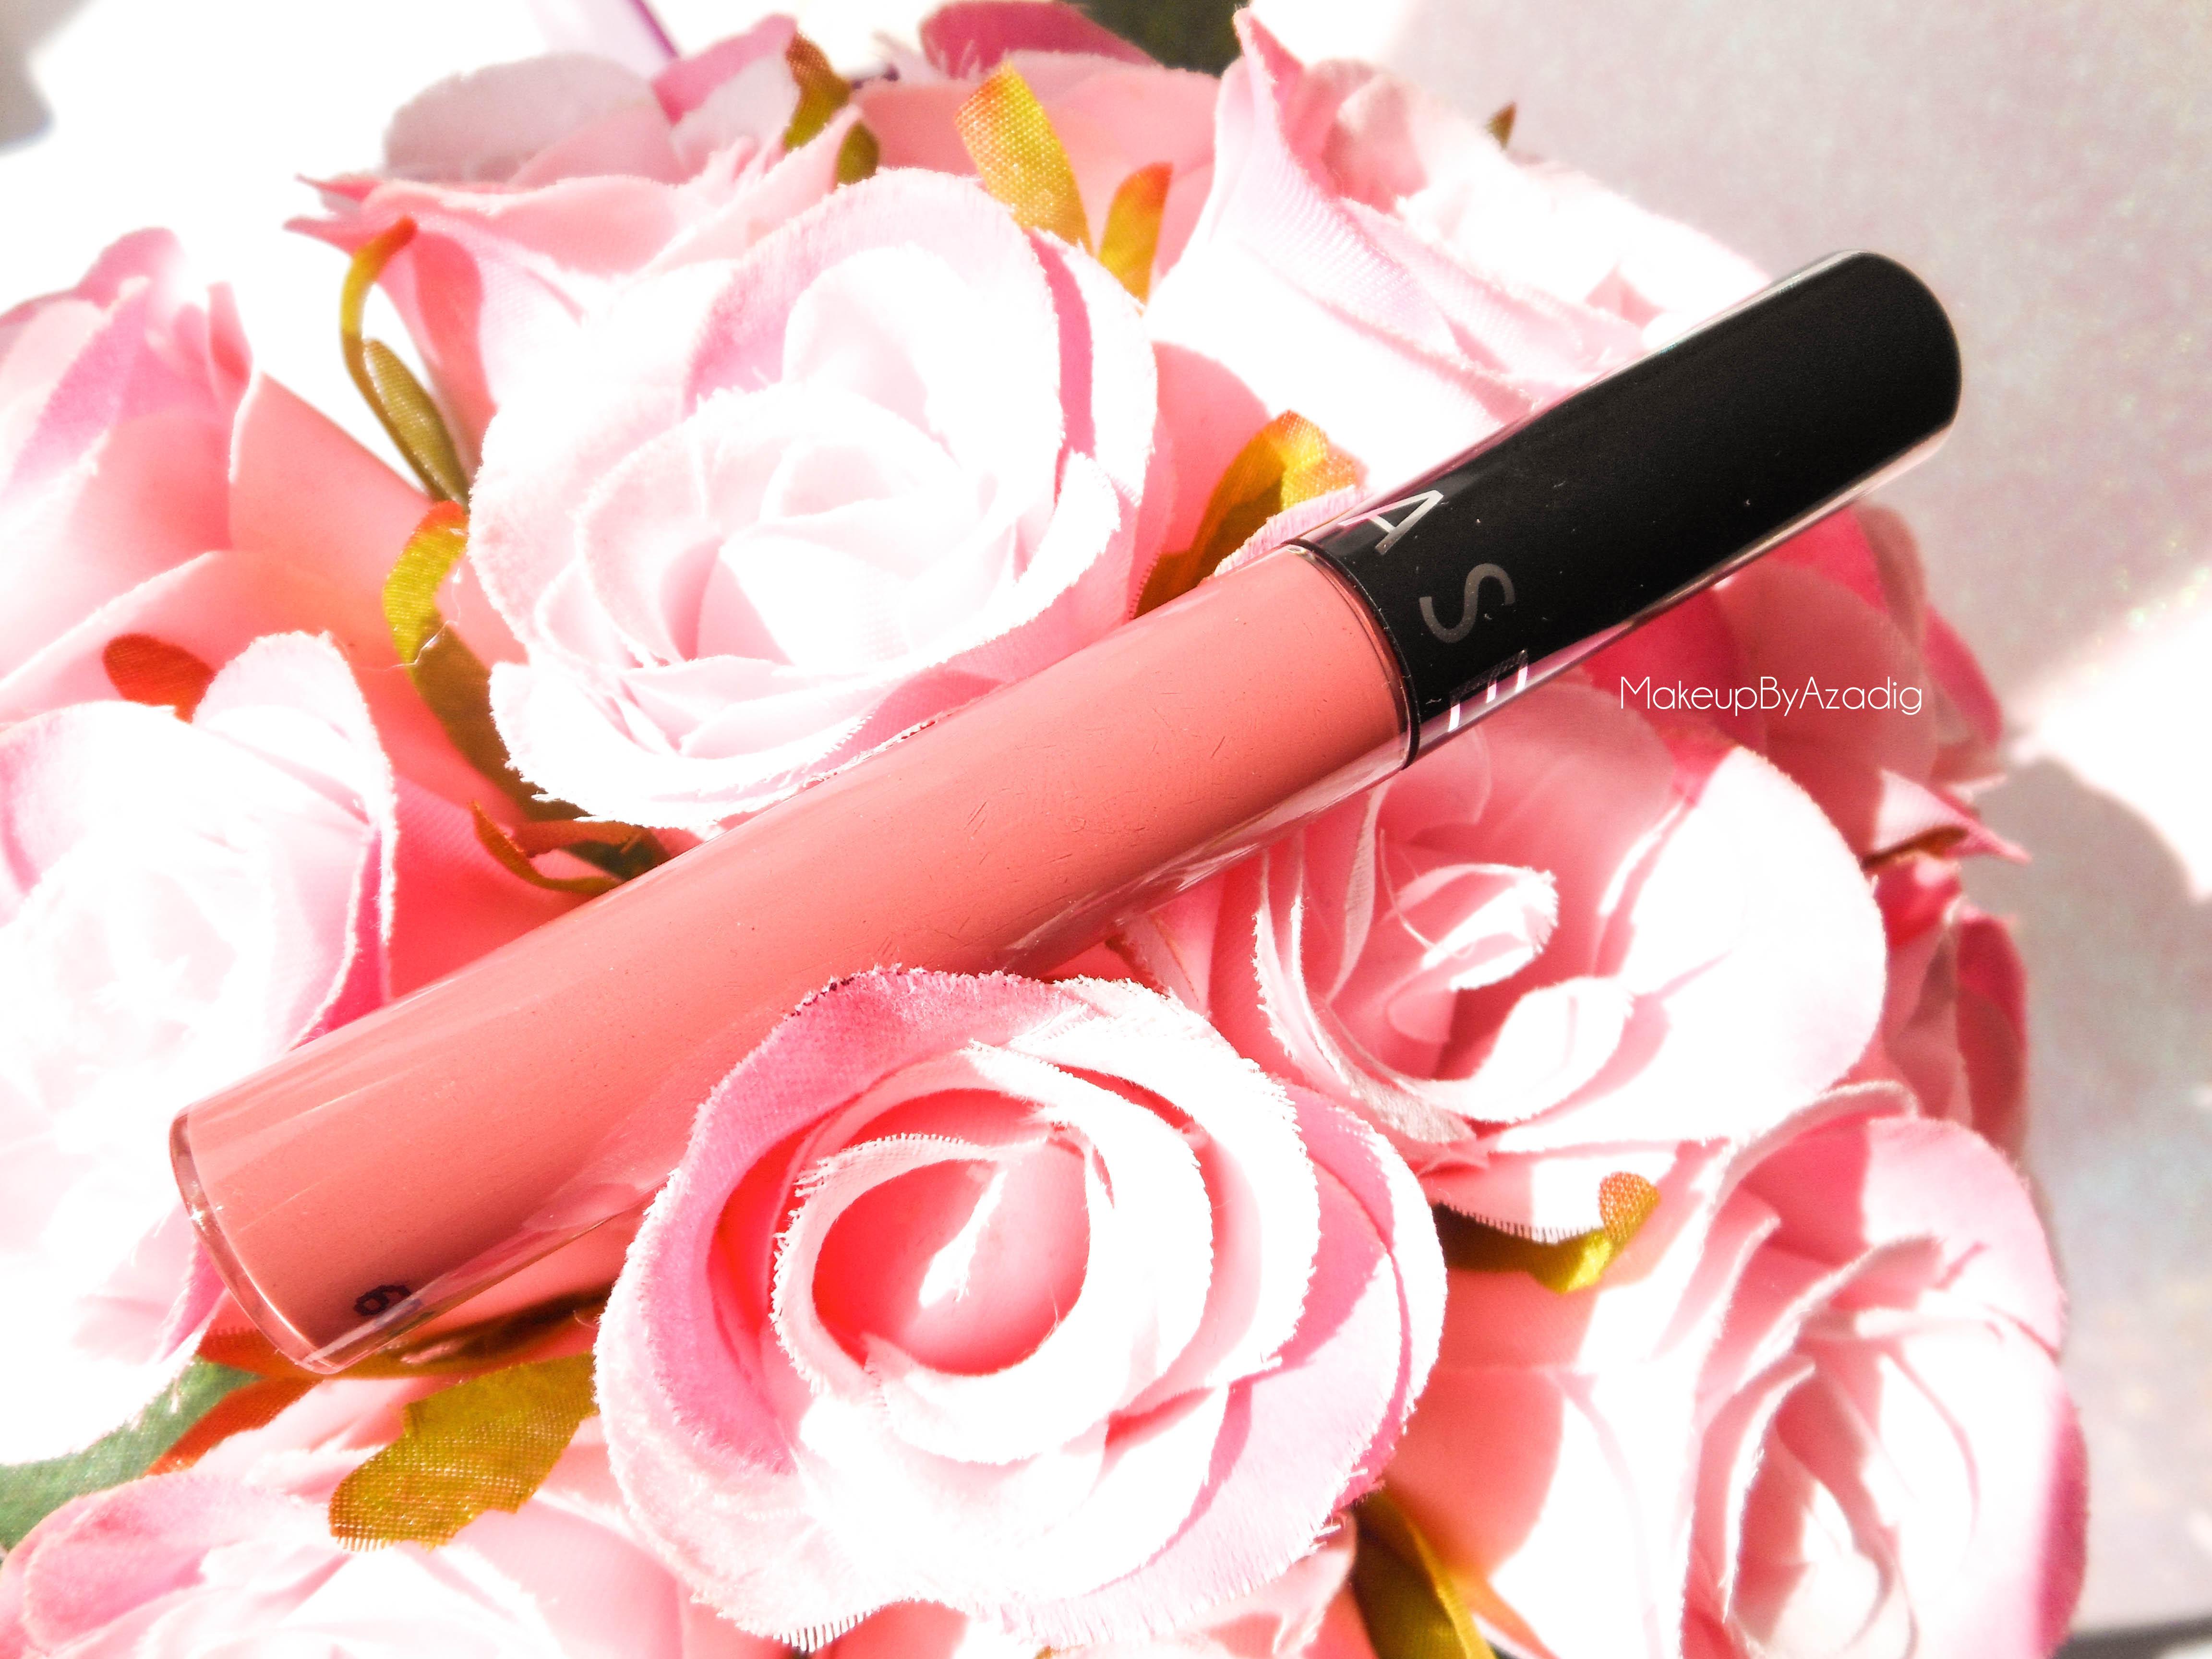 rouge velouté sans transfert - sephora - rouge à lèvres mat - longue tenue - makeupbyazadig - rose